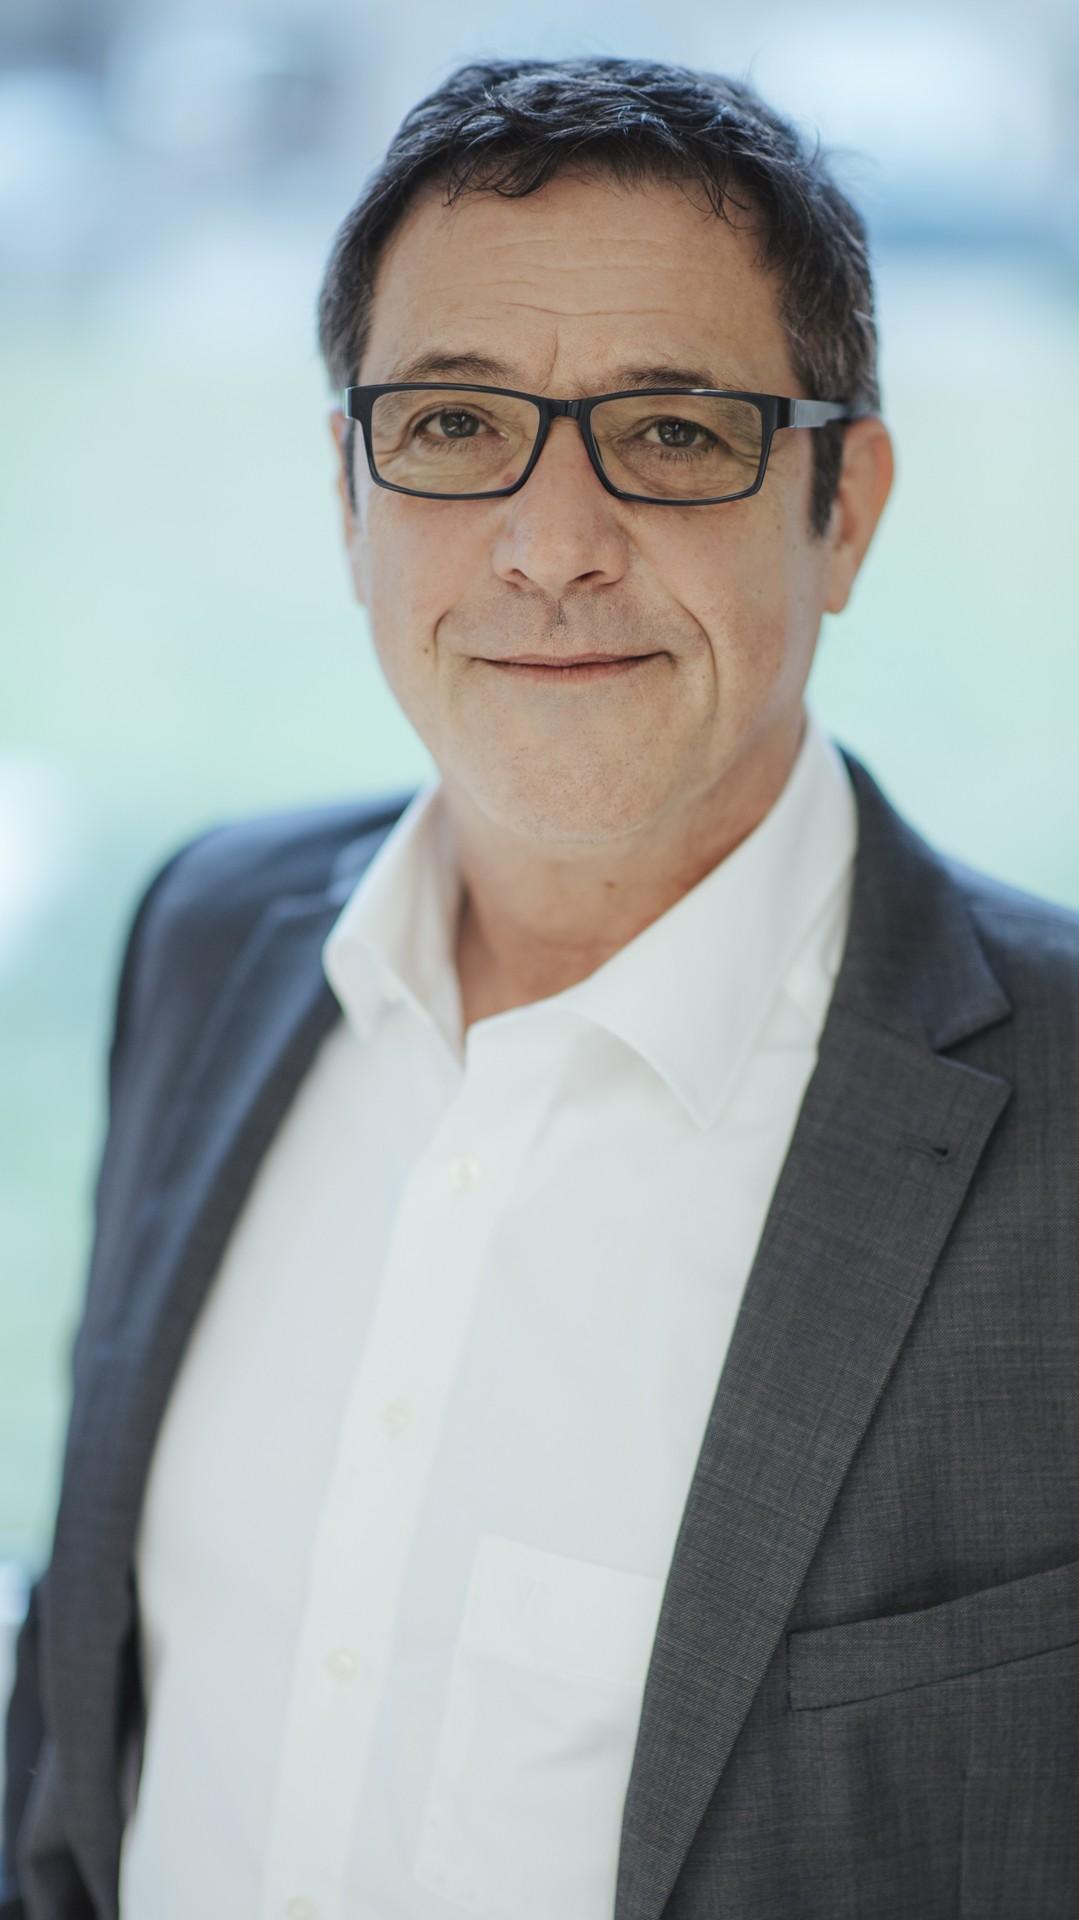 Udo Görz